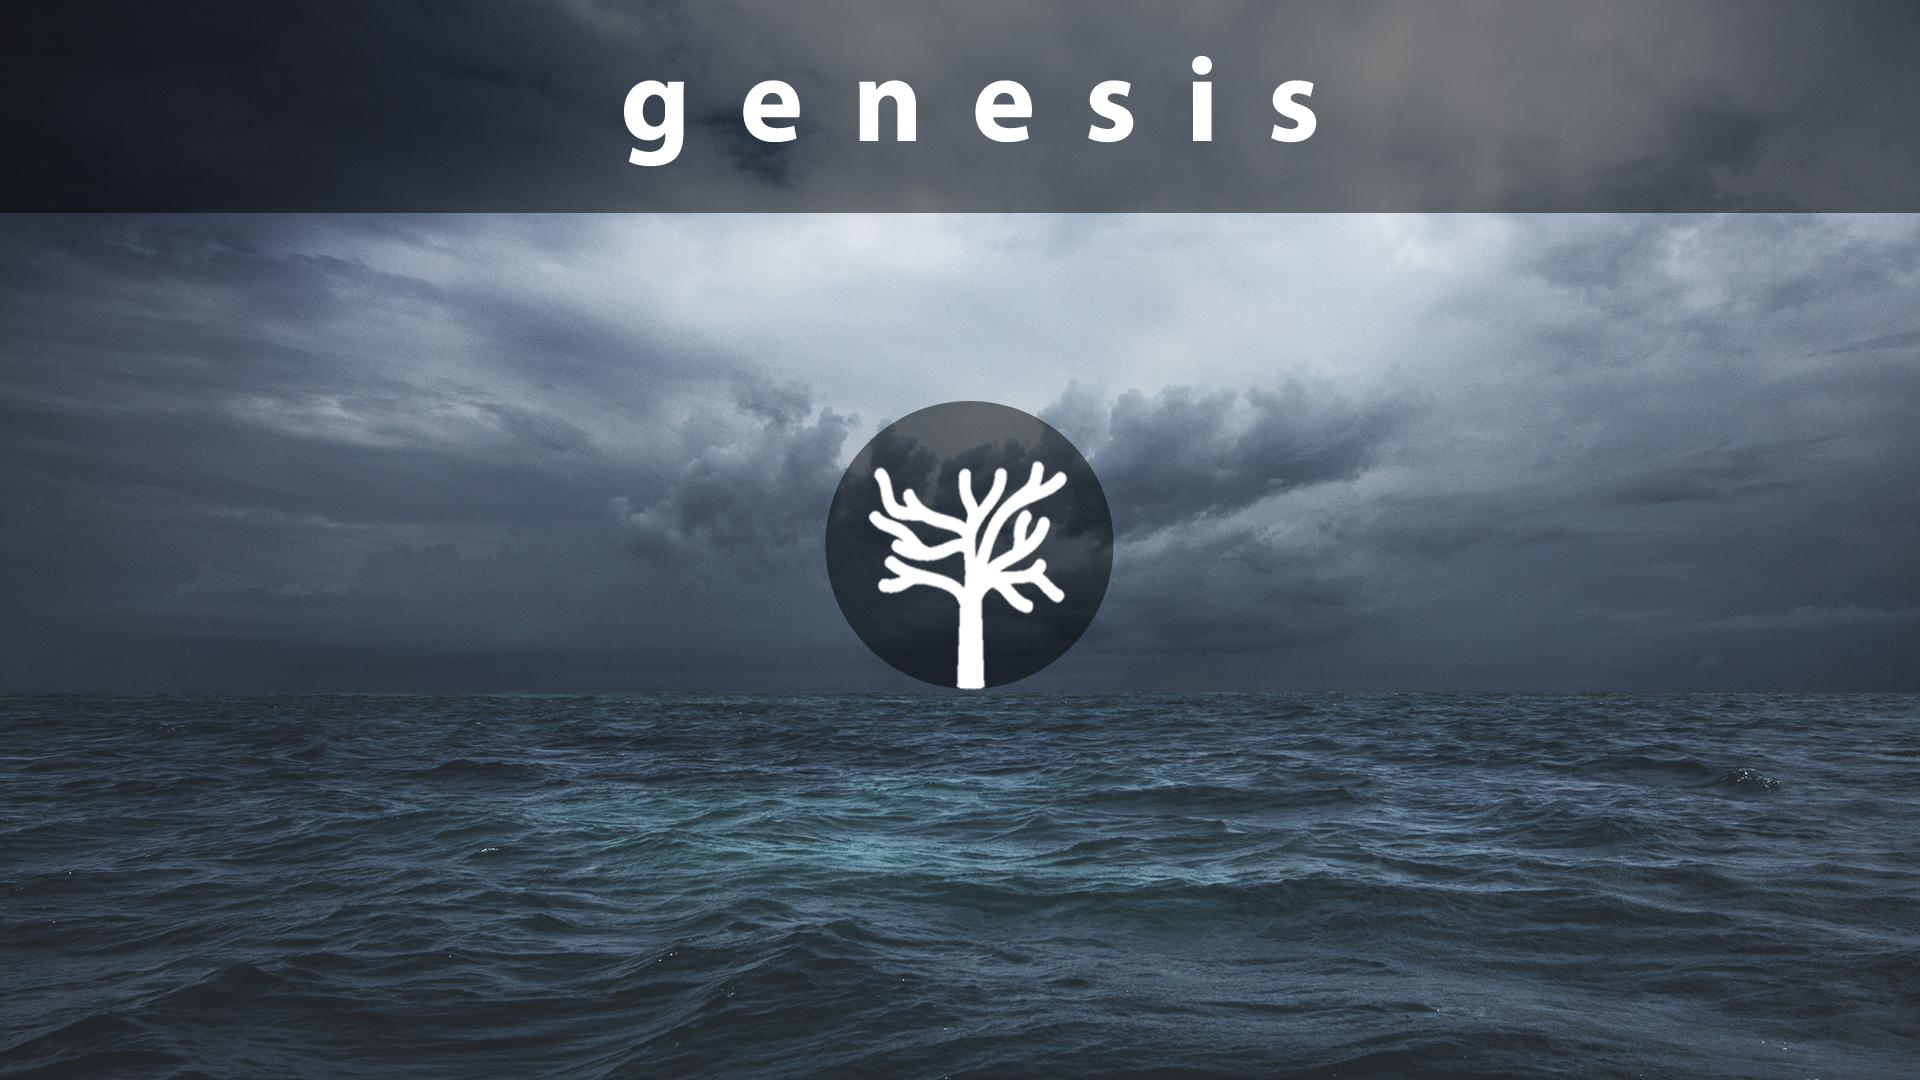 genesis1920x1080.jpg